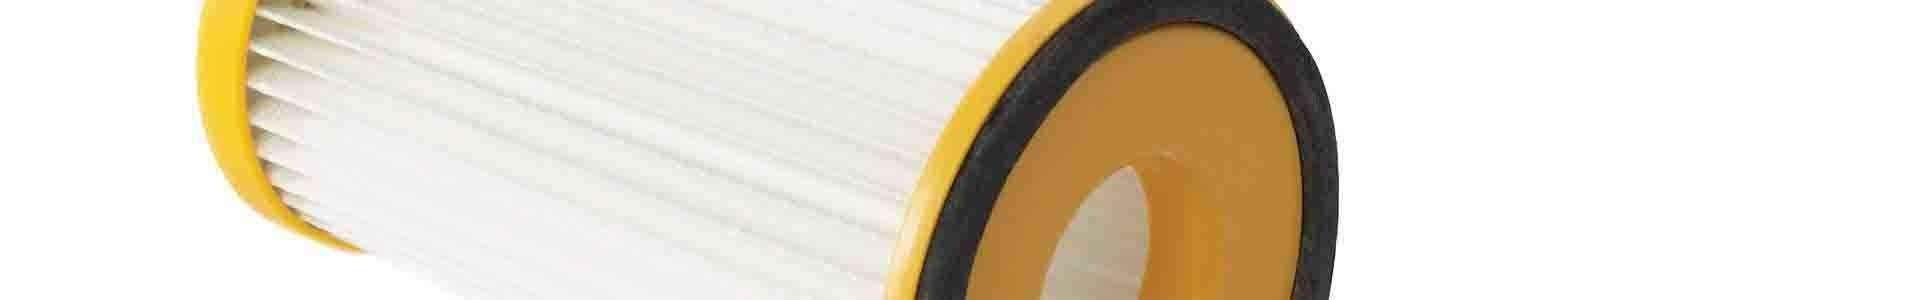 filtros aspiradores, filtro hepa | www.servimenaje.es